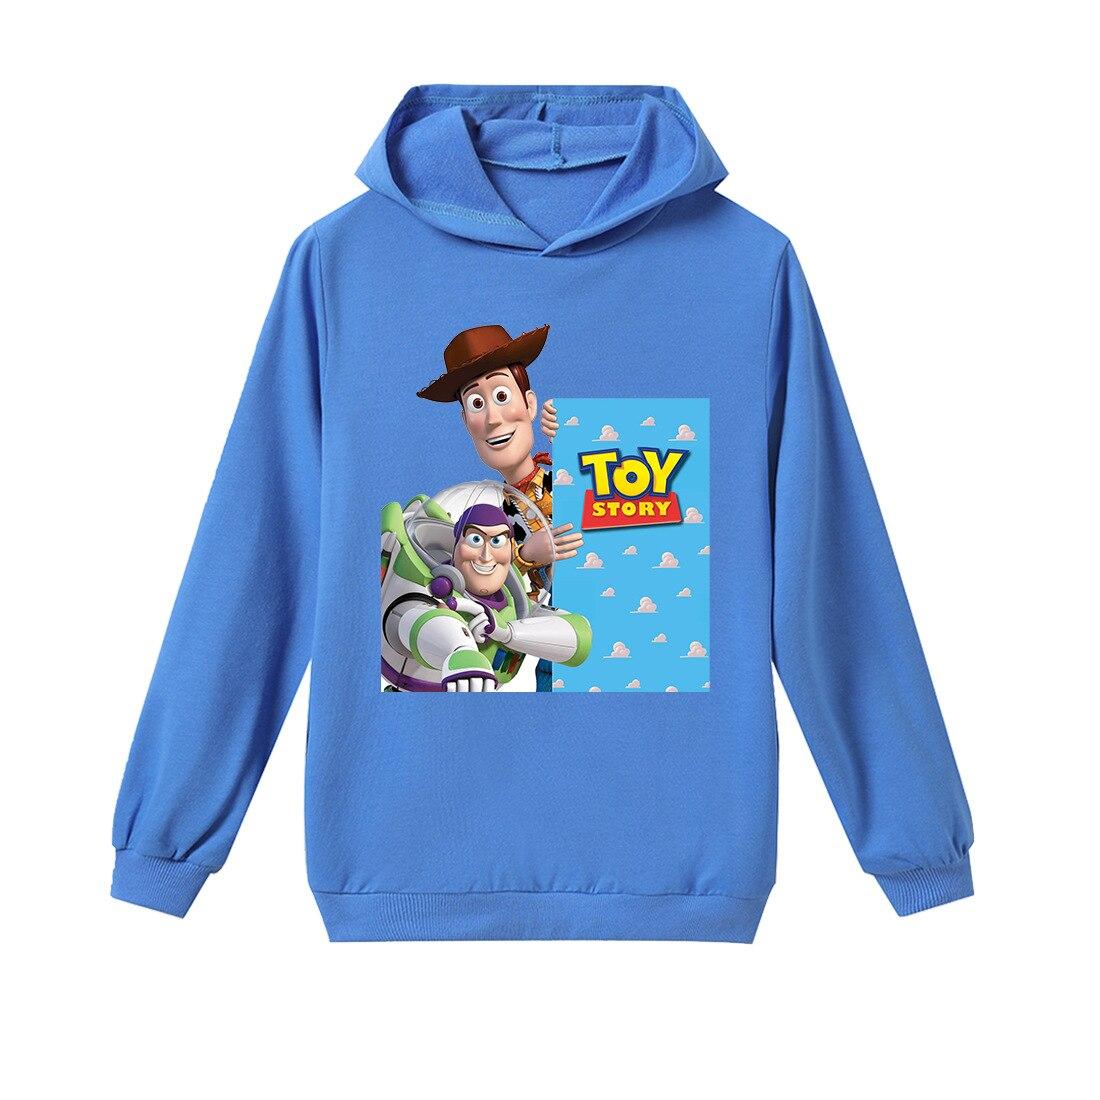 Синие повседневные толстовки с капюшоном «История игрушек 4 форки Вуди»; От 3 до 11 лет детская футболка; детская одежда; пуловер для